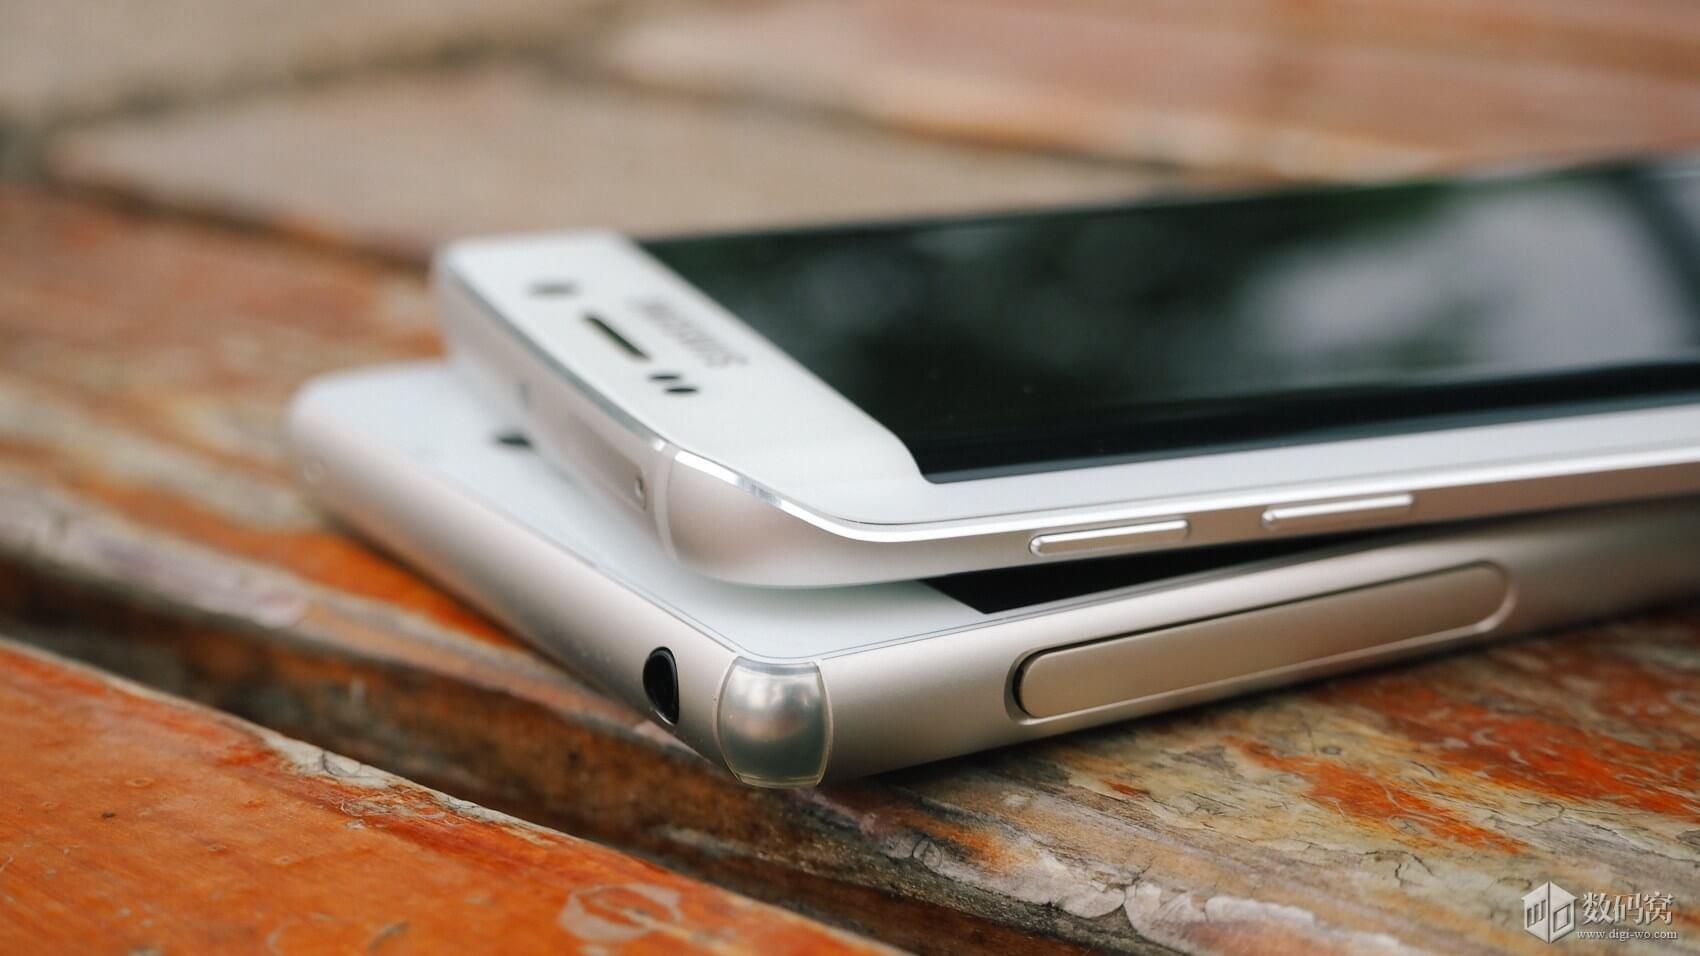 Galaxy S6 Edge vs Xperia Z3+ Design difference